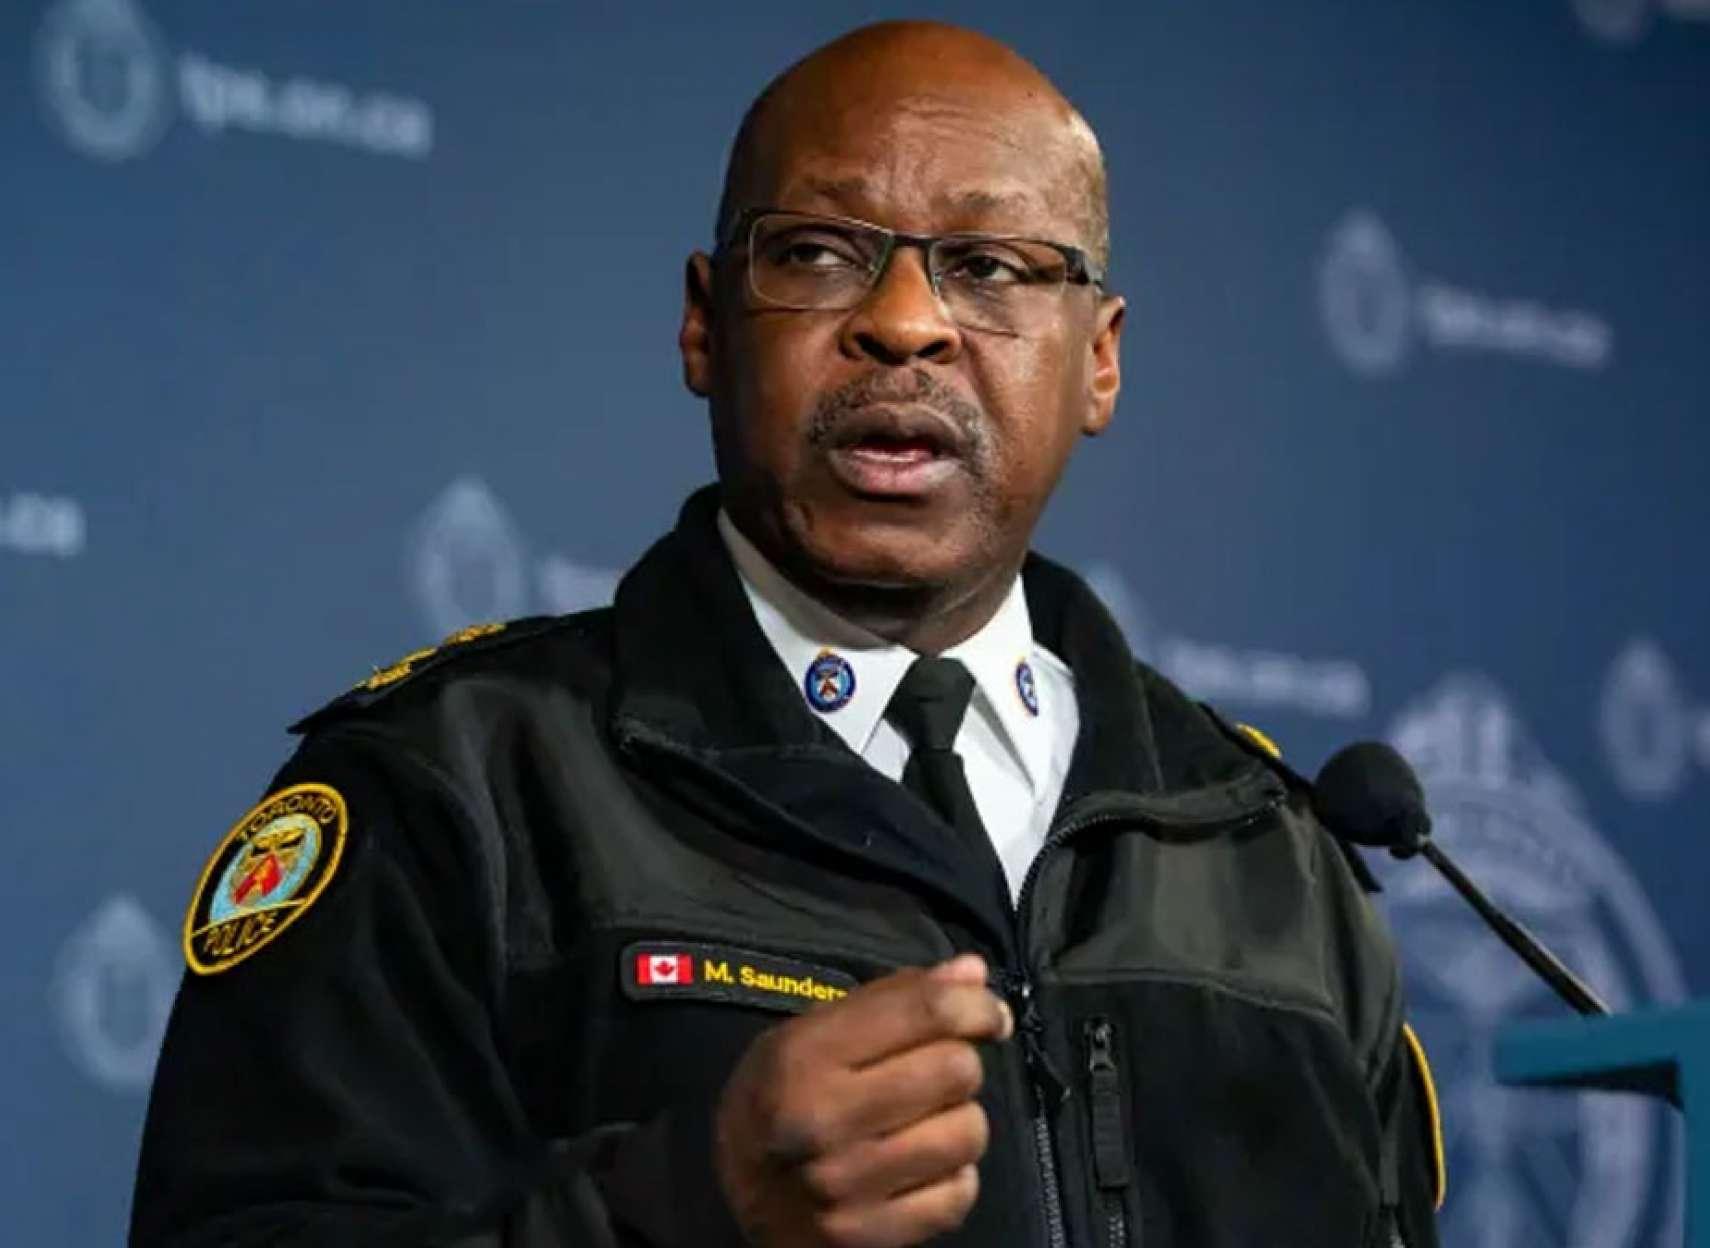 اخبار-تورنتو-استعفای-غیرمنتظره-رئیس-پلیس-تورنتو